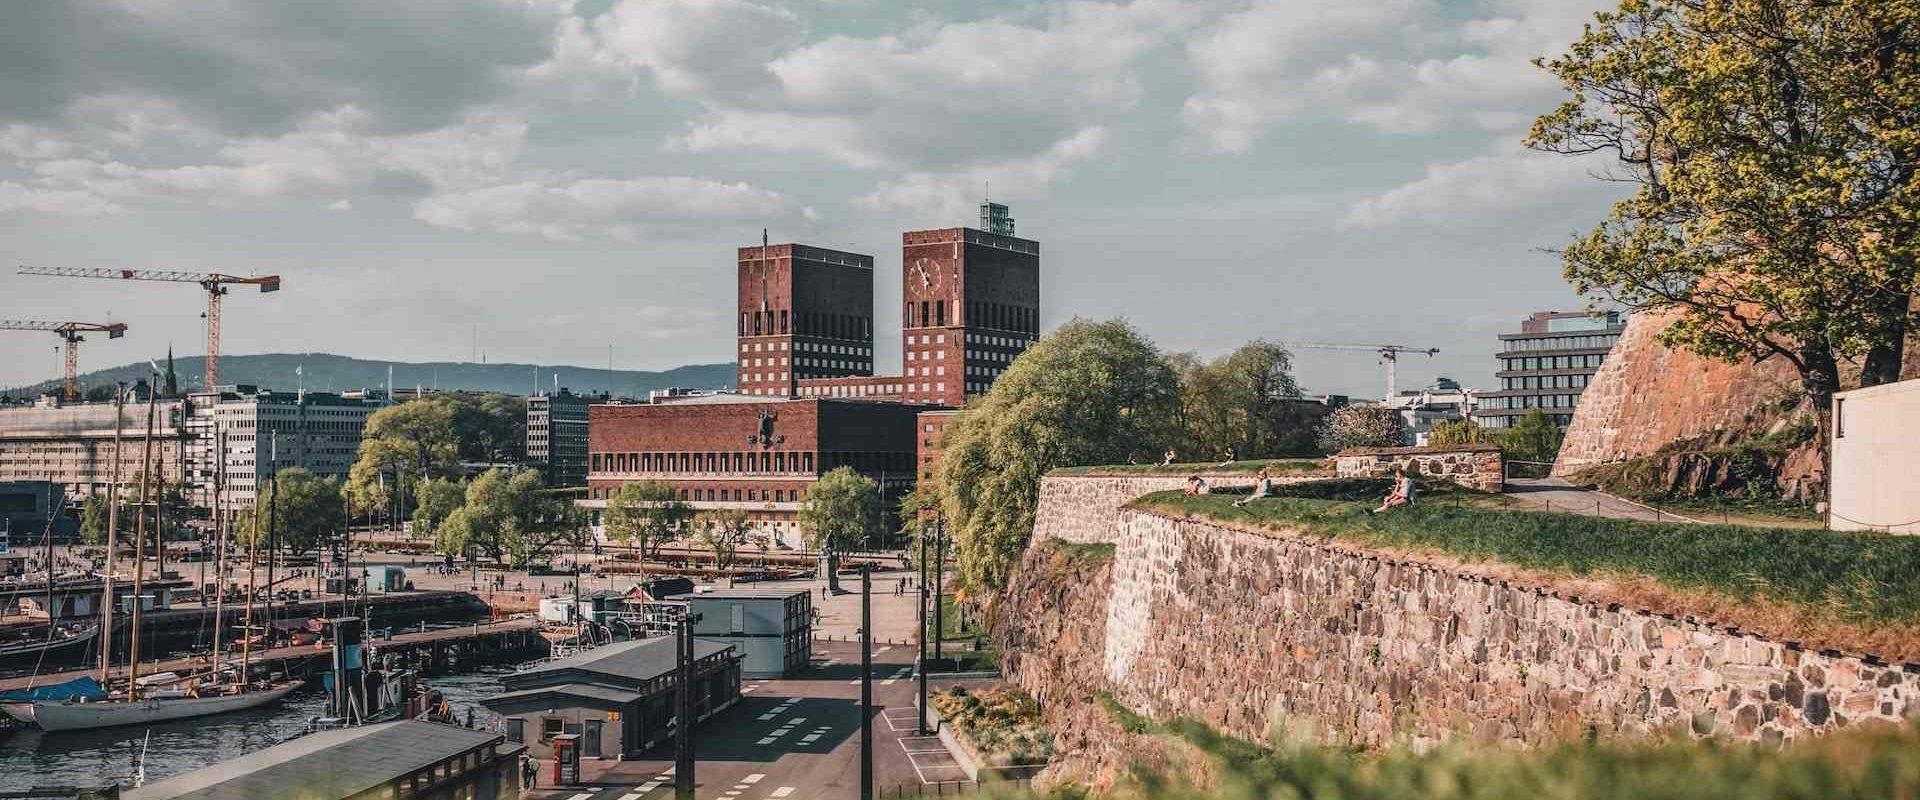 Oversiktsbilde med Akershus Festning til høyre og Oslo Rådhus i bakgrunn